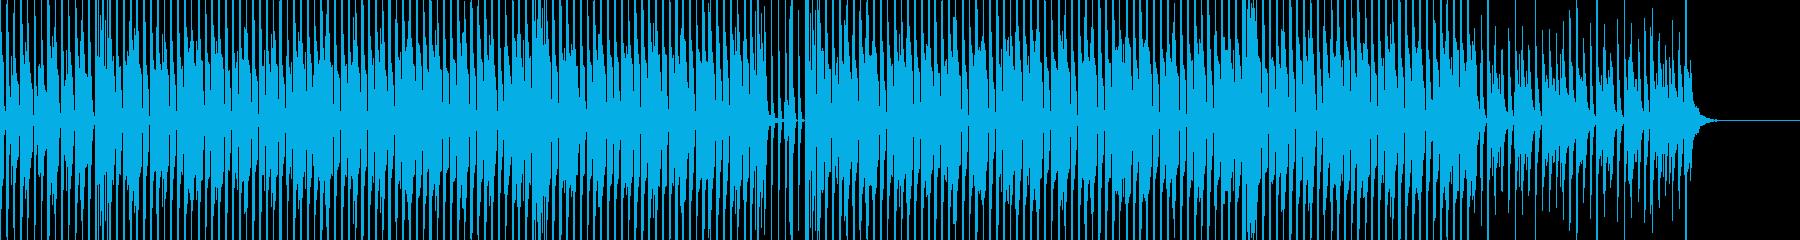 明るいポップBGMの再生済みの波形